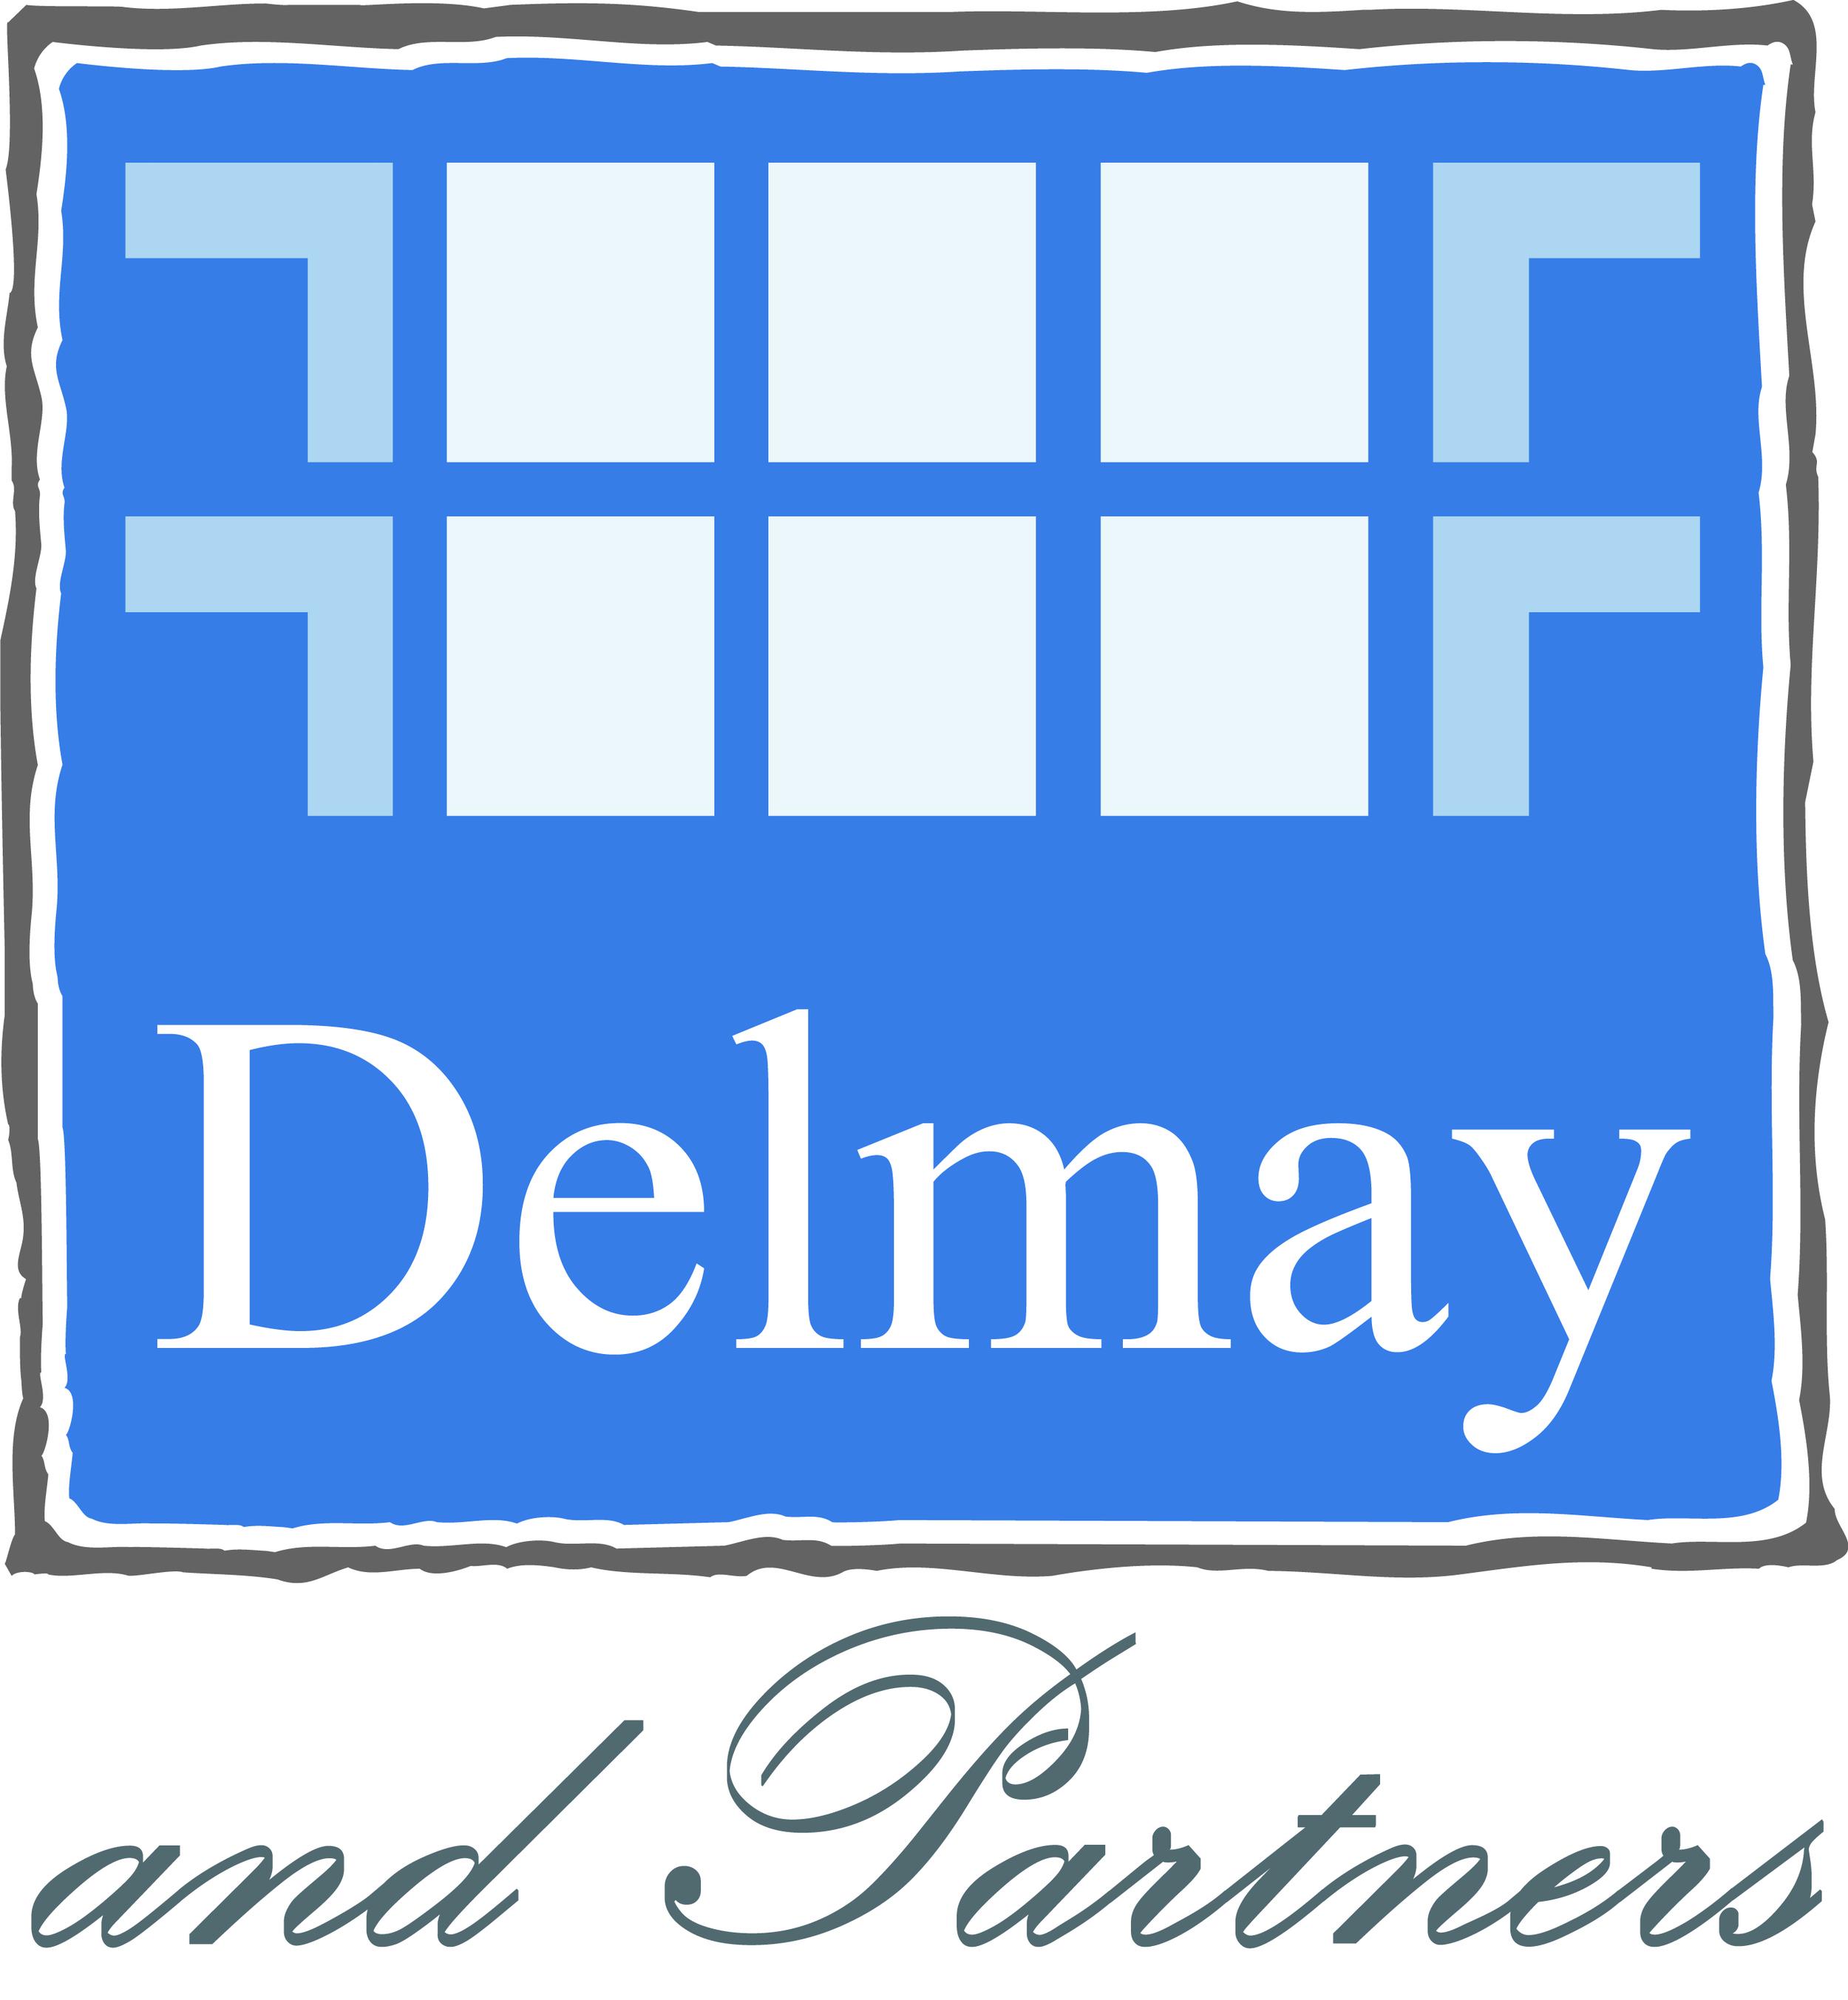 D&P logo fixed Hi-Res.jpg